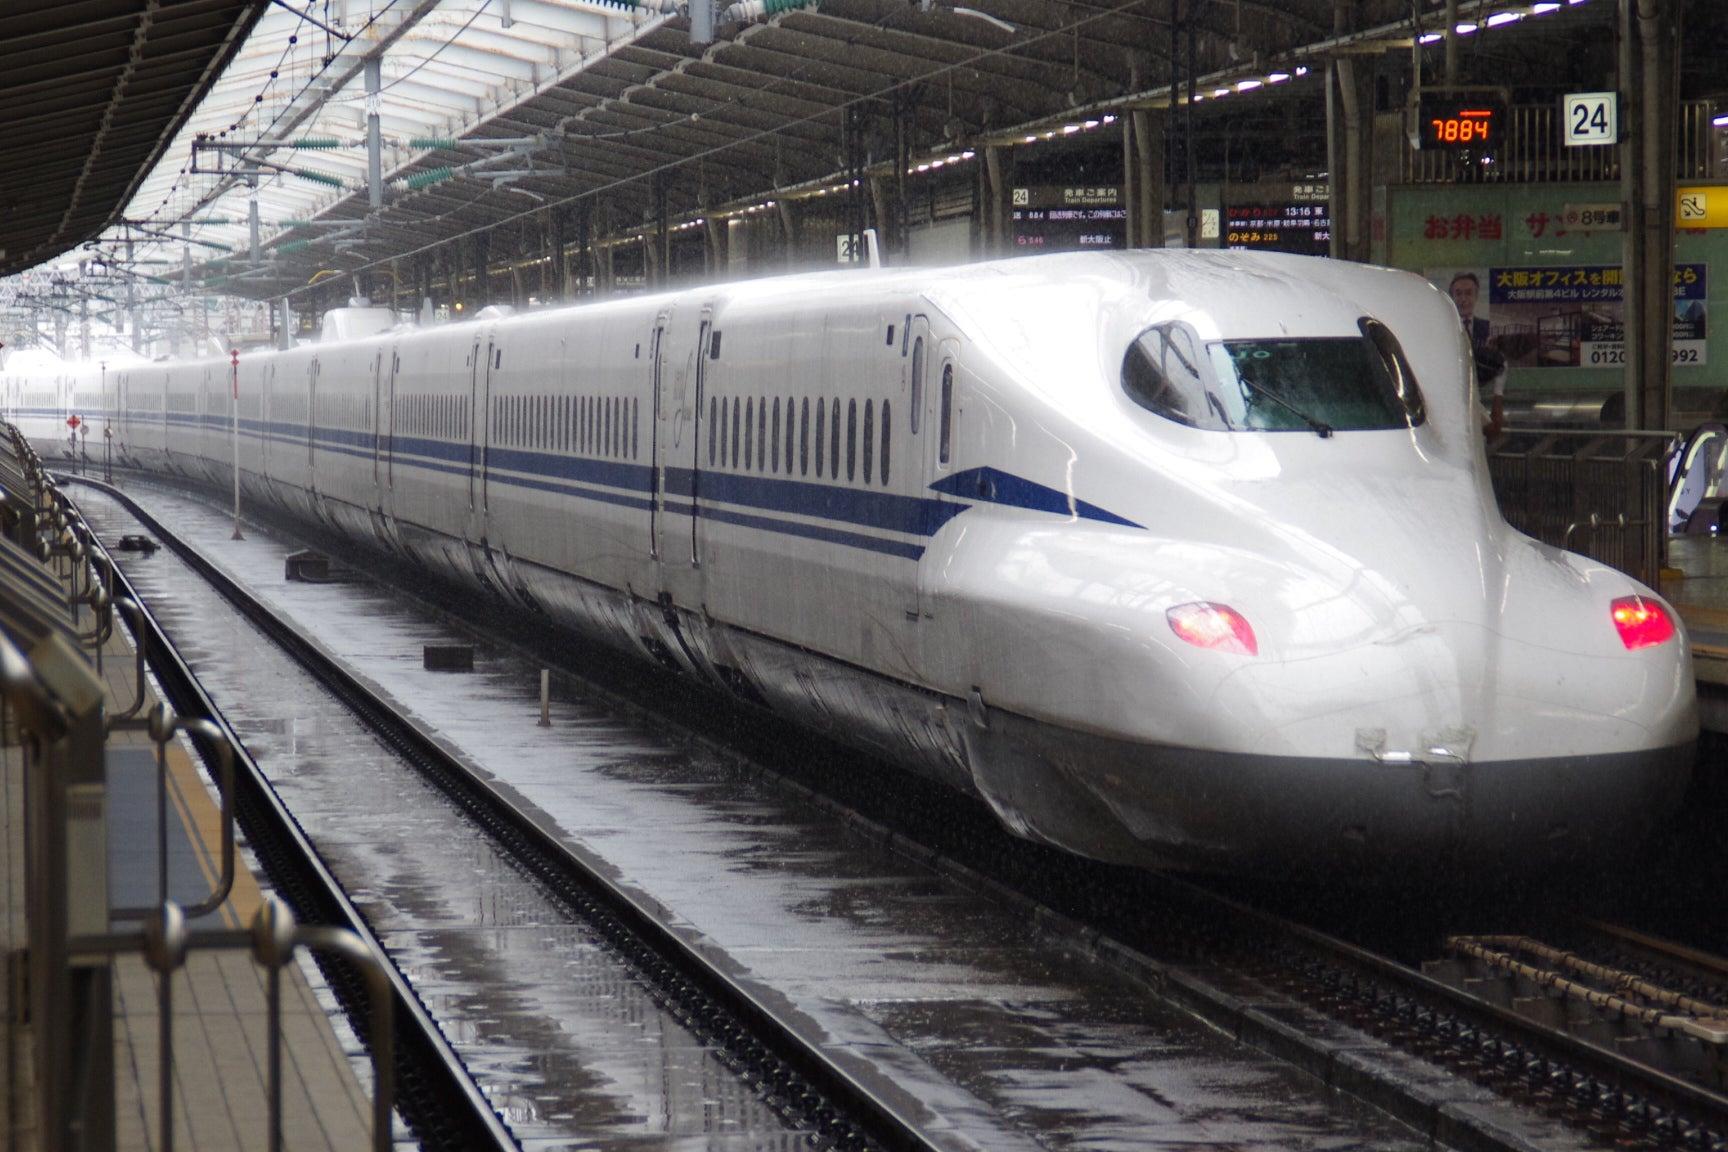 ふなたんのブログJR東海 「700S」確認試験車J0編成 平成30年6月23日(土)撮影